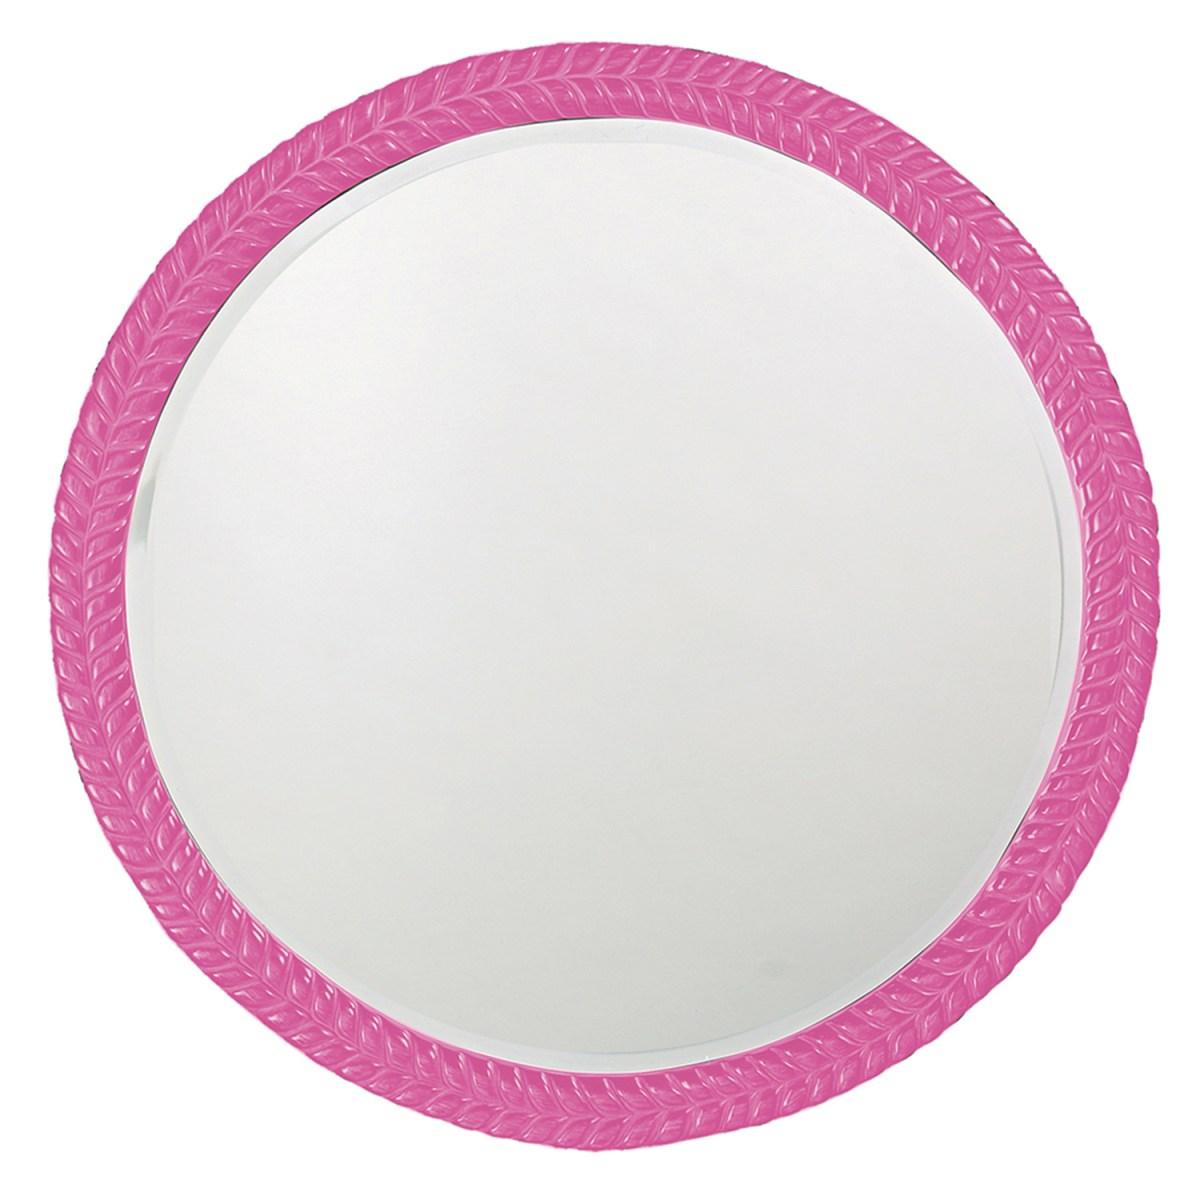 pink mirror, pink framed mirror